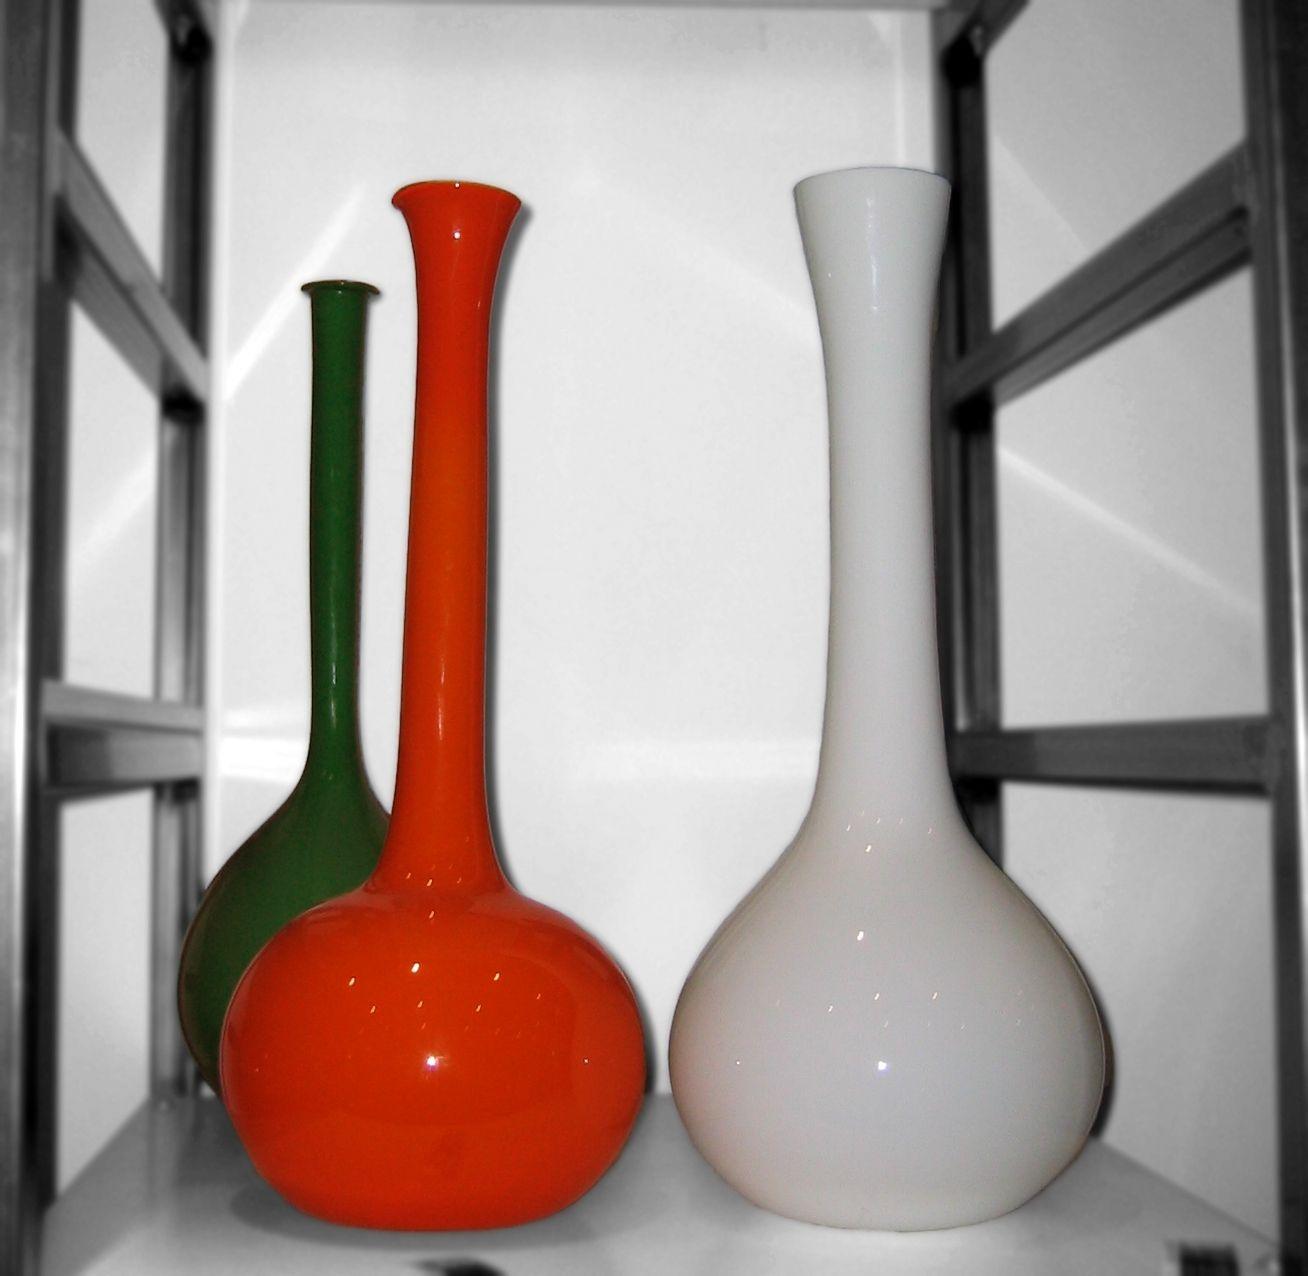 Large clear glass floor vases vase pinterest glass large clear glass floor vases reviewsmspy